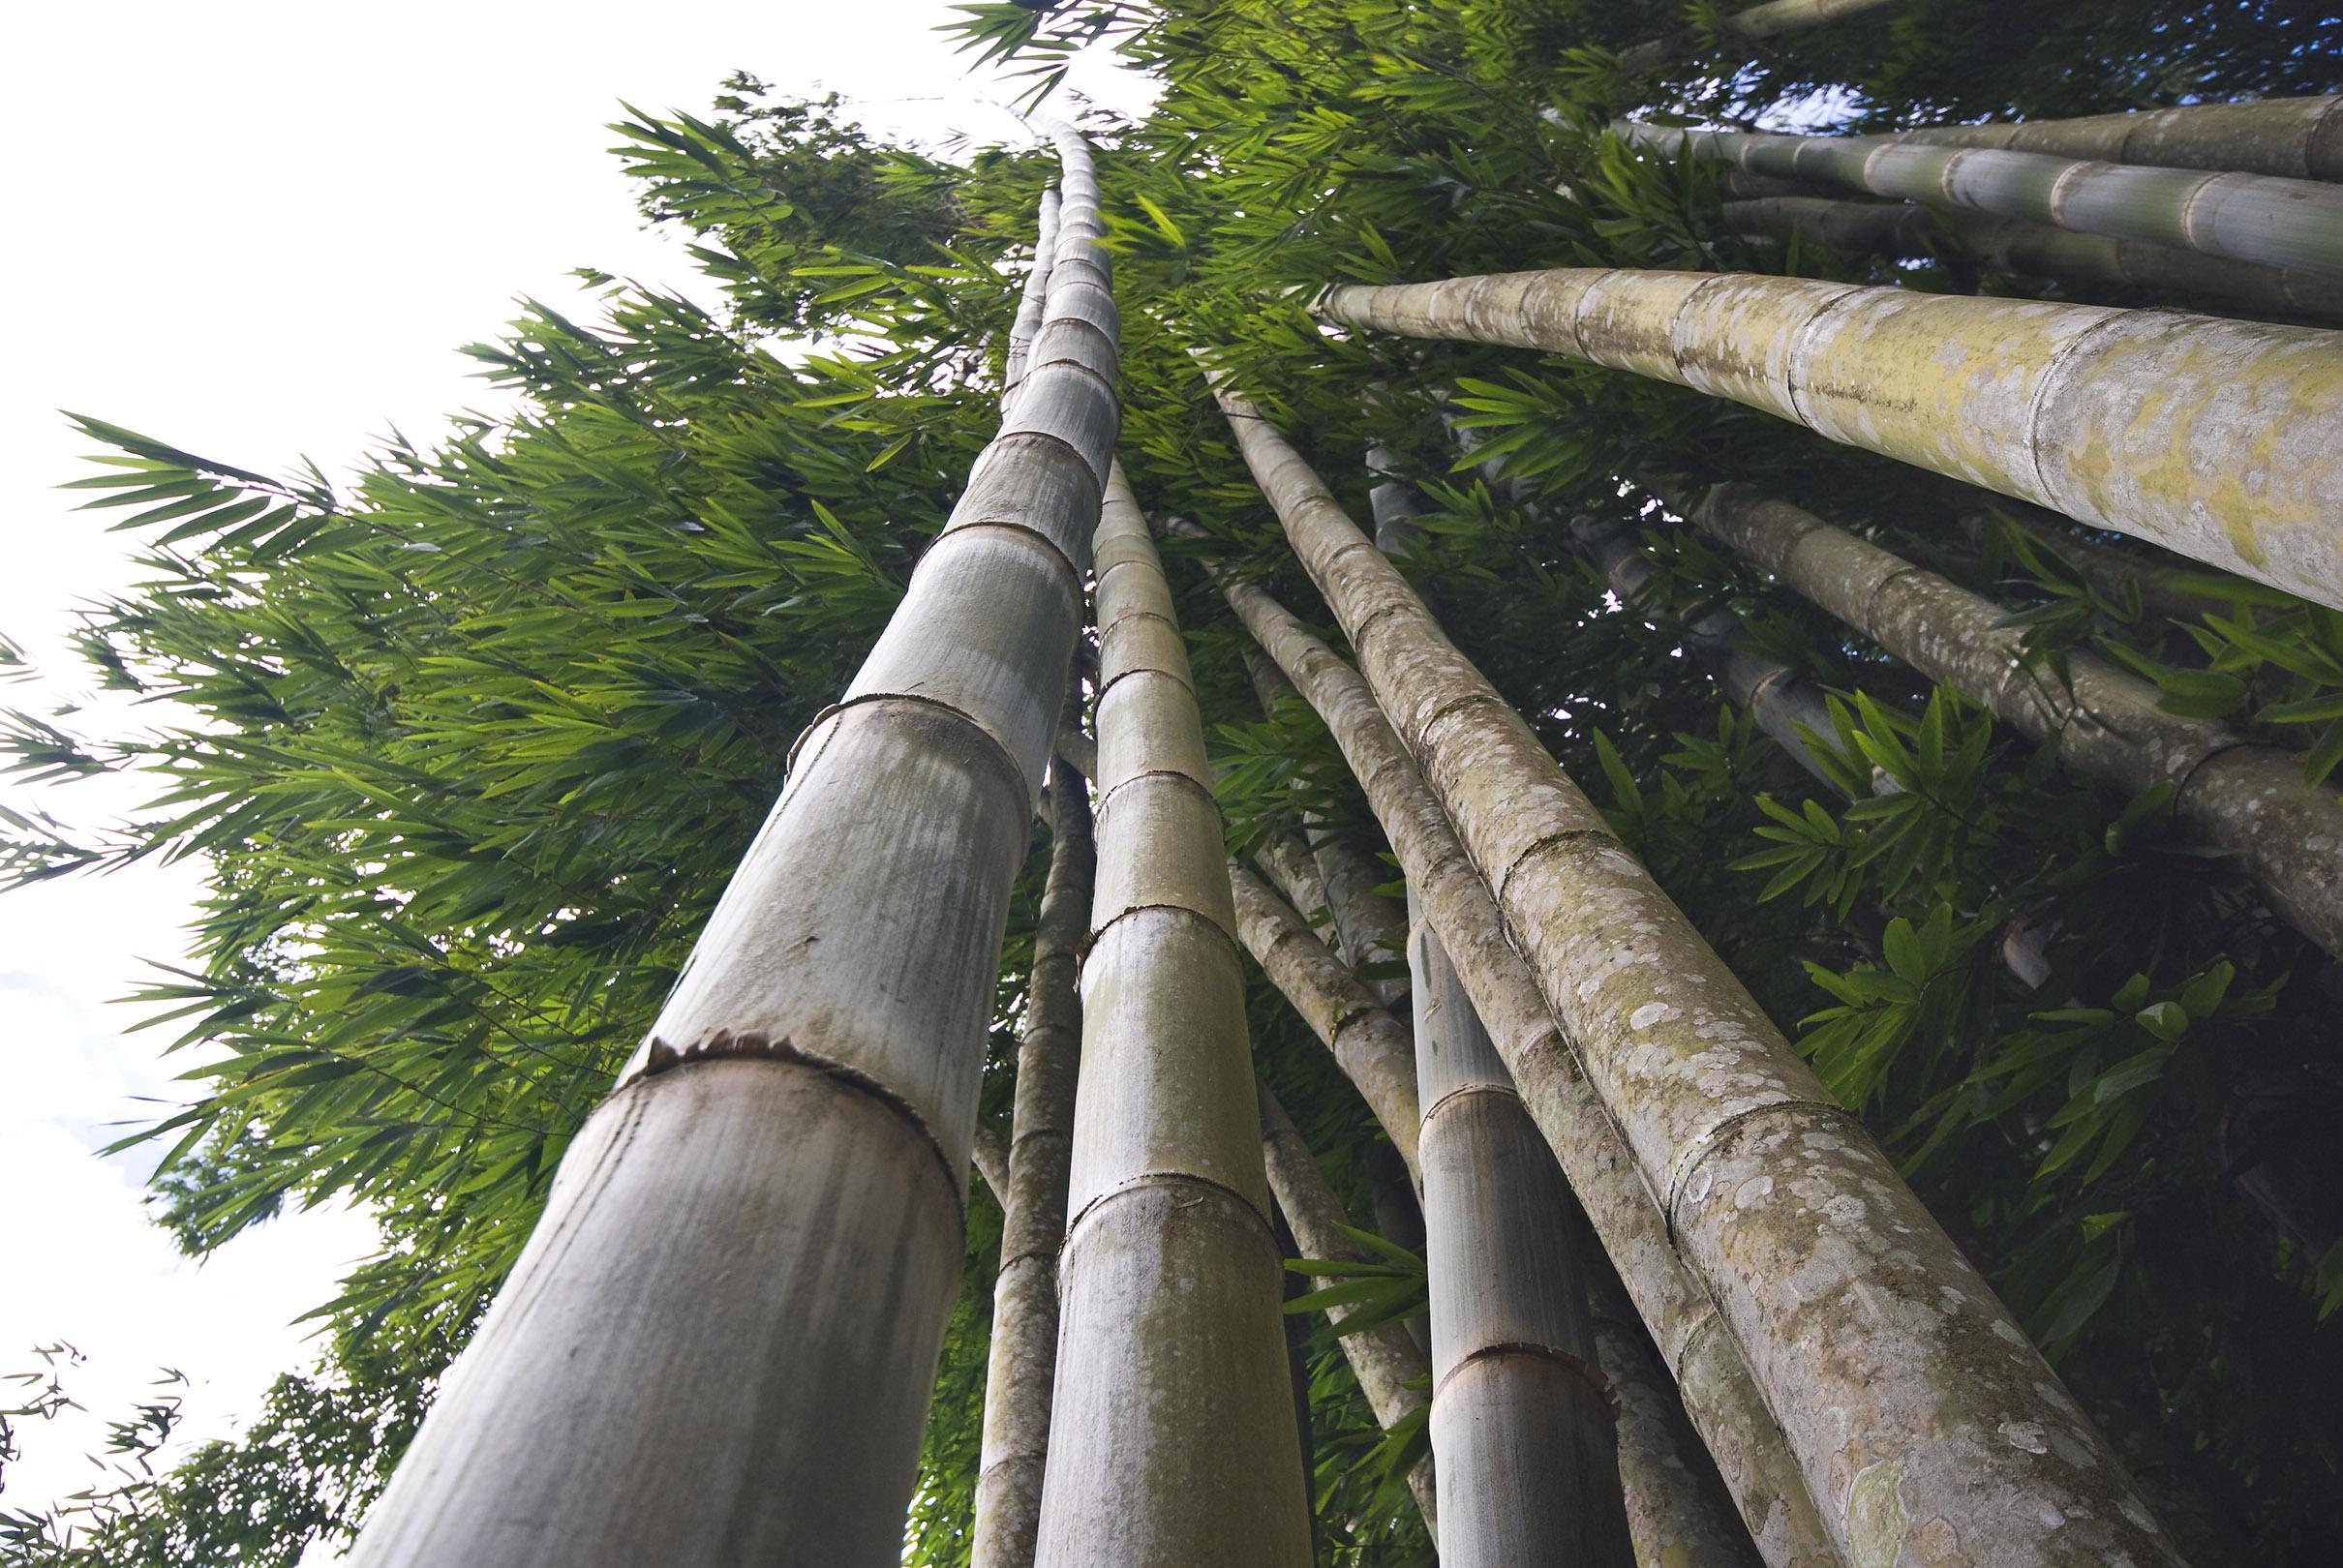 bamboo hacia arriba.jpg